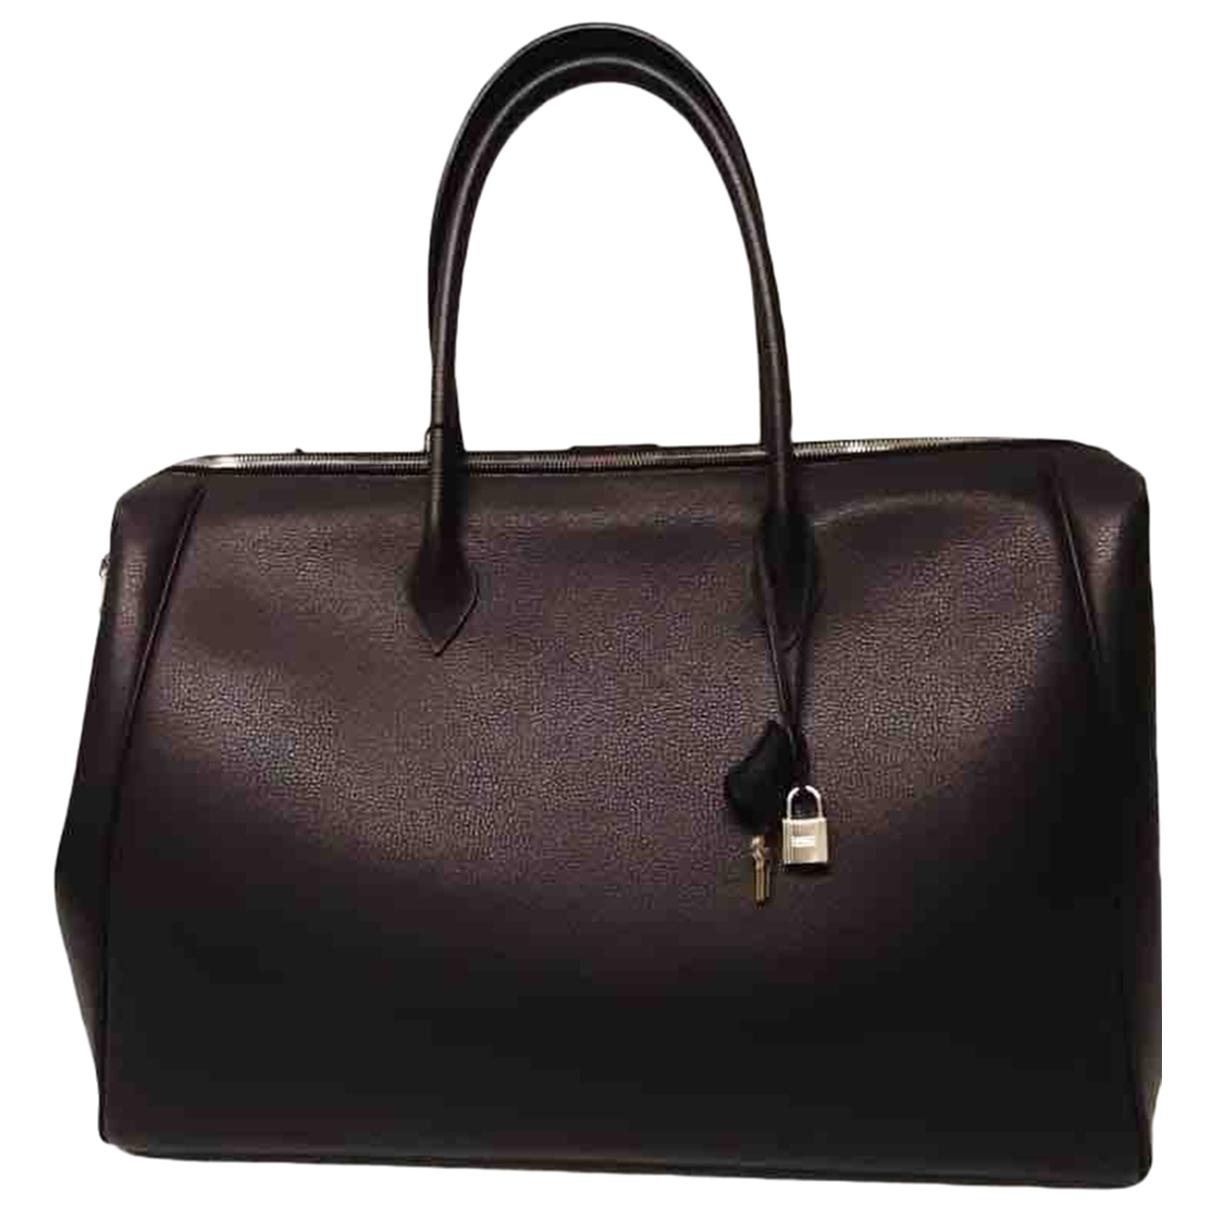 Hermes - Sac de voyage Paris Bombay pour femme en cuir - marron